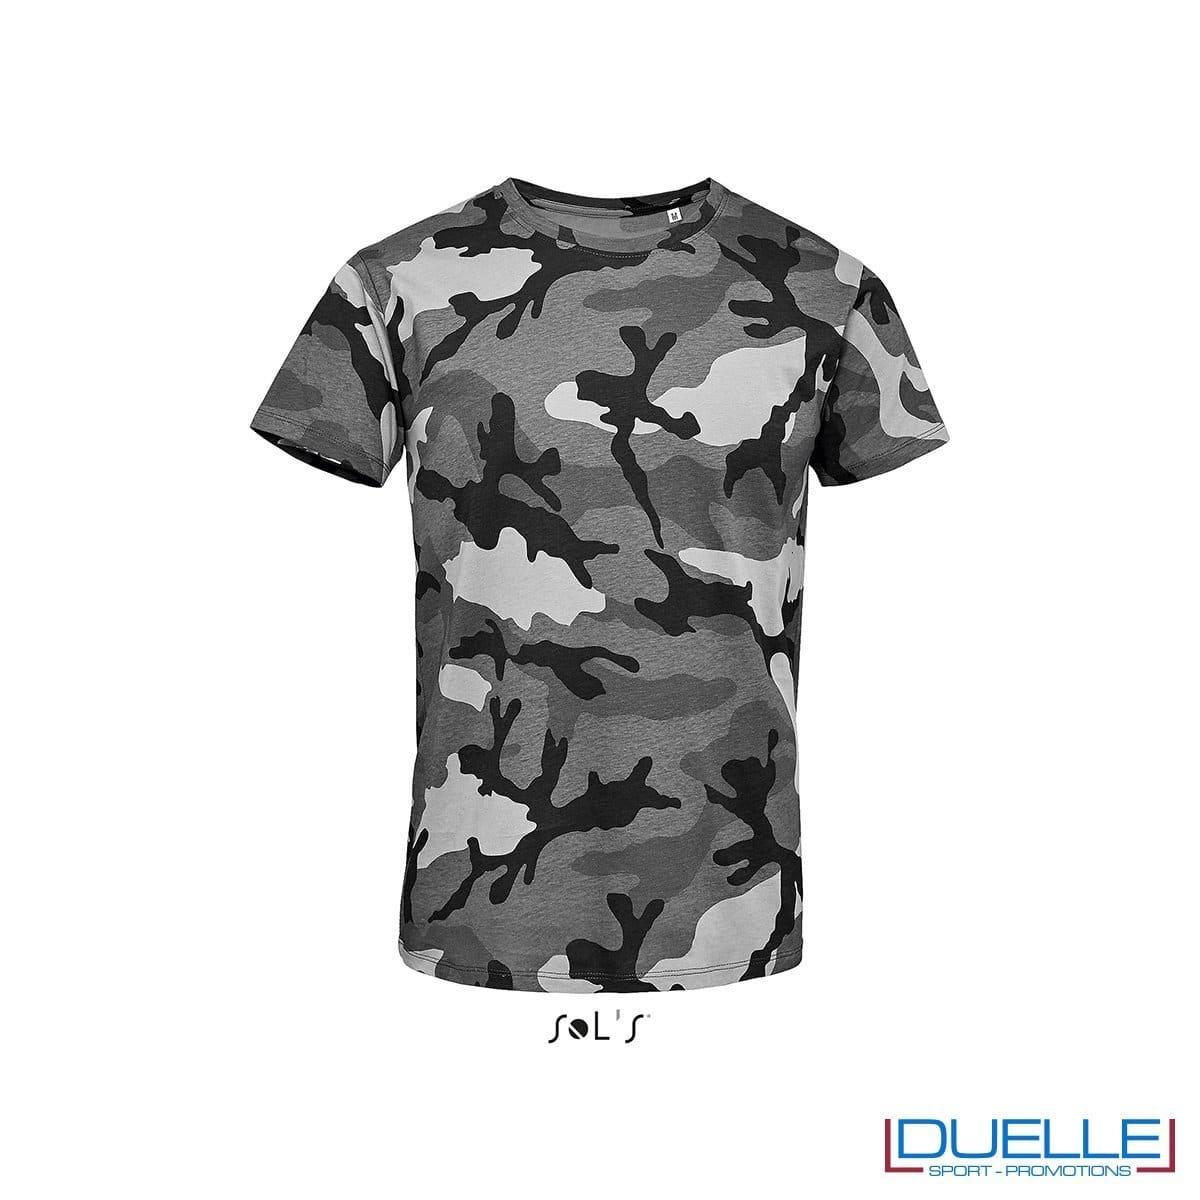 t-shirt personalizzata camouflage, t-shirt mimetico grigio